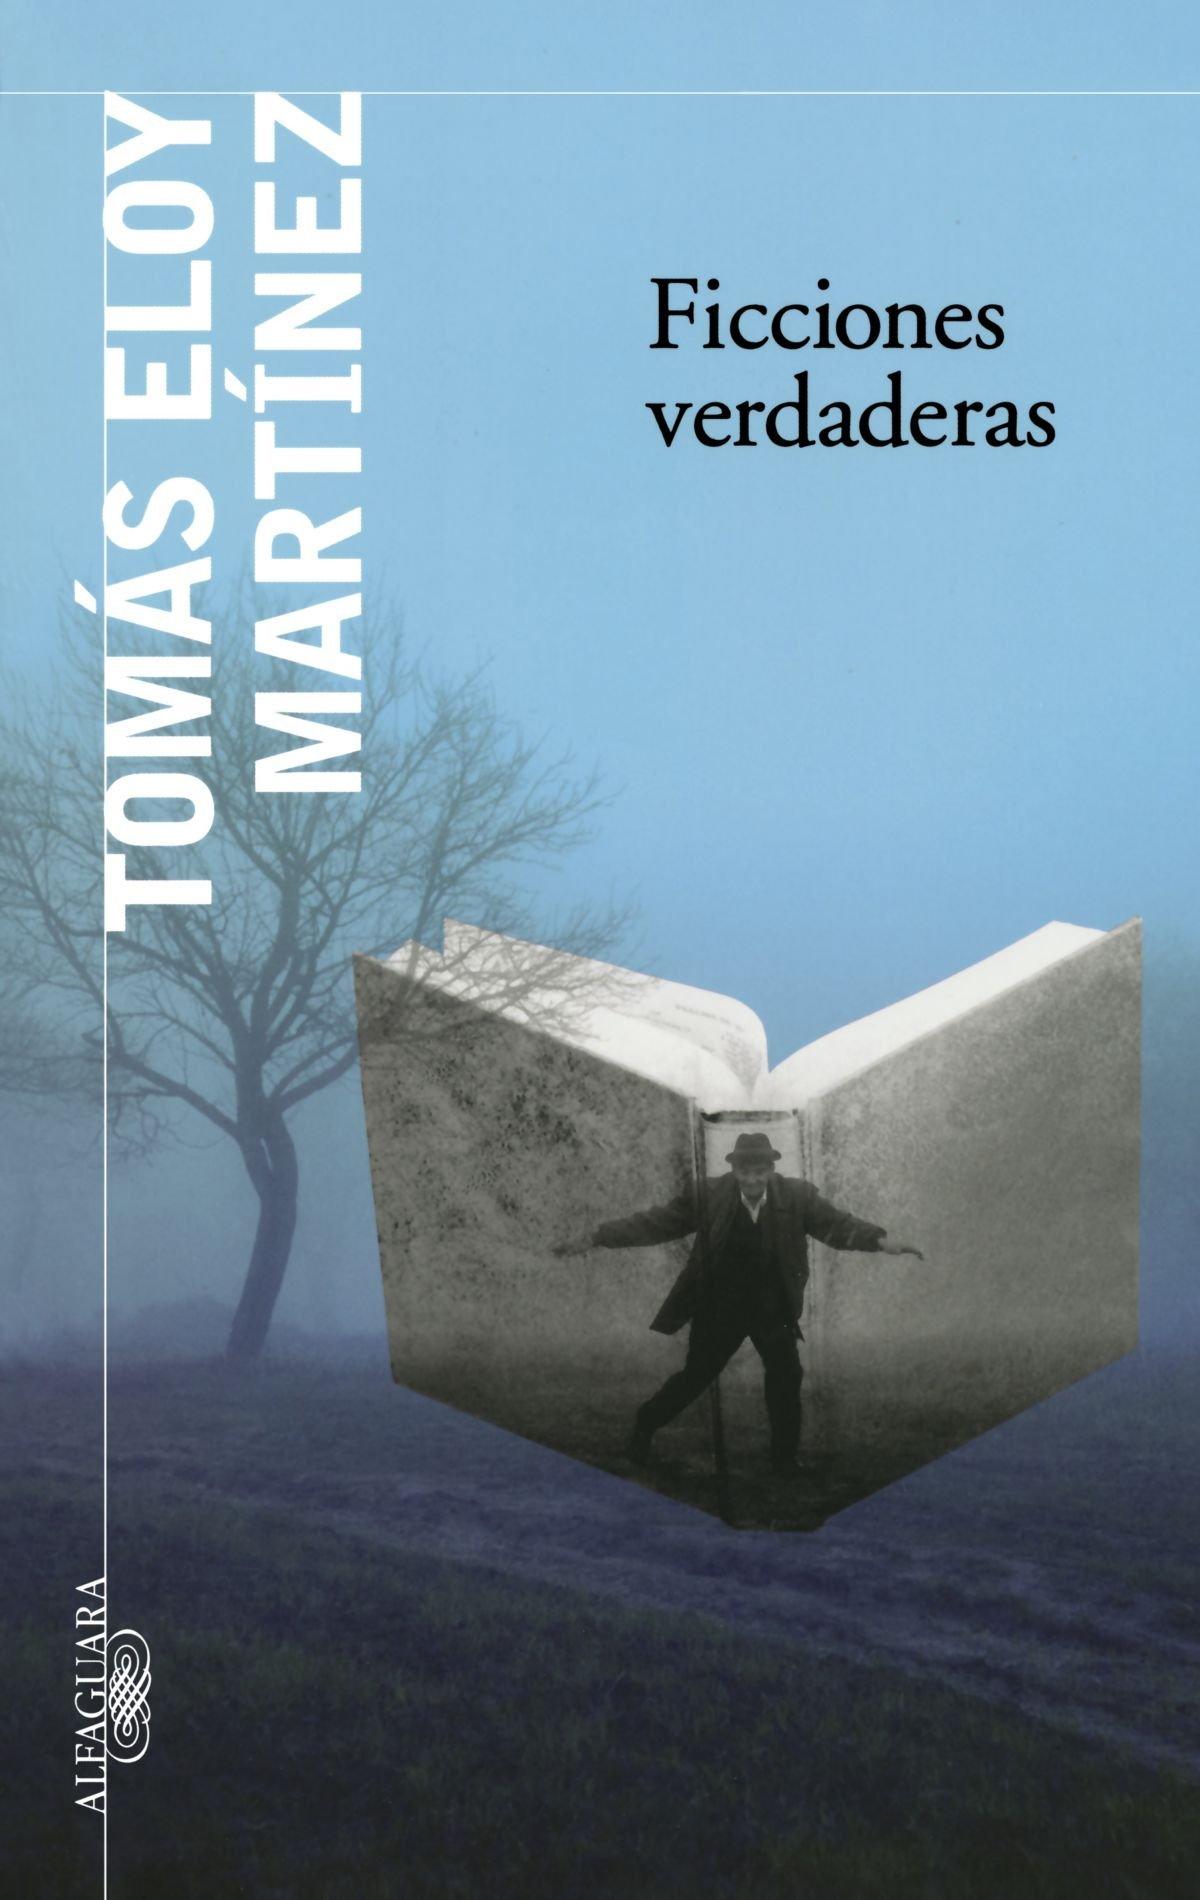 Ficciones verdaderas (Spanish Edition): Tomás Eloy Martínez: 9789870416906: Amazon.com: Books